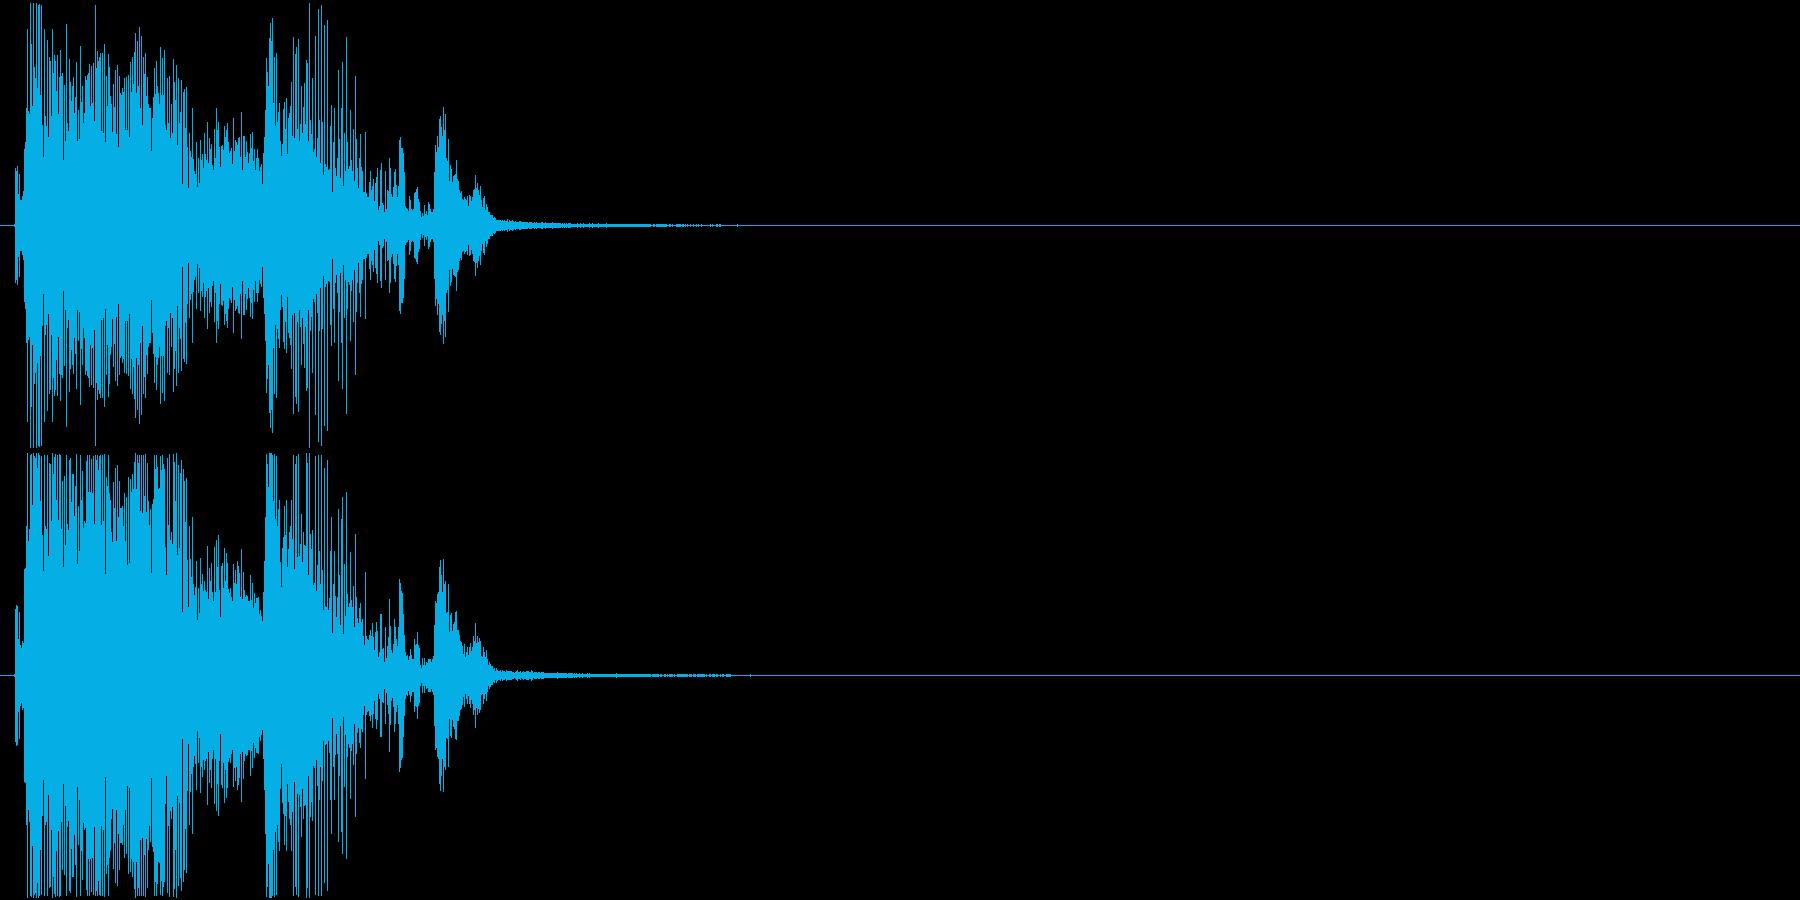 「パーフェクト」ゲーム・アプリ用1の再生済みの波形